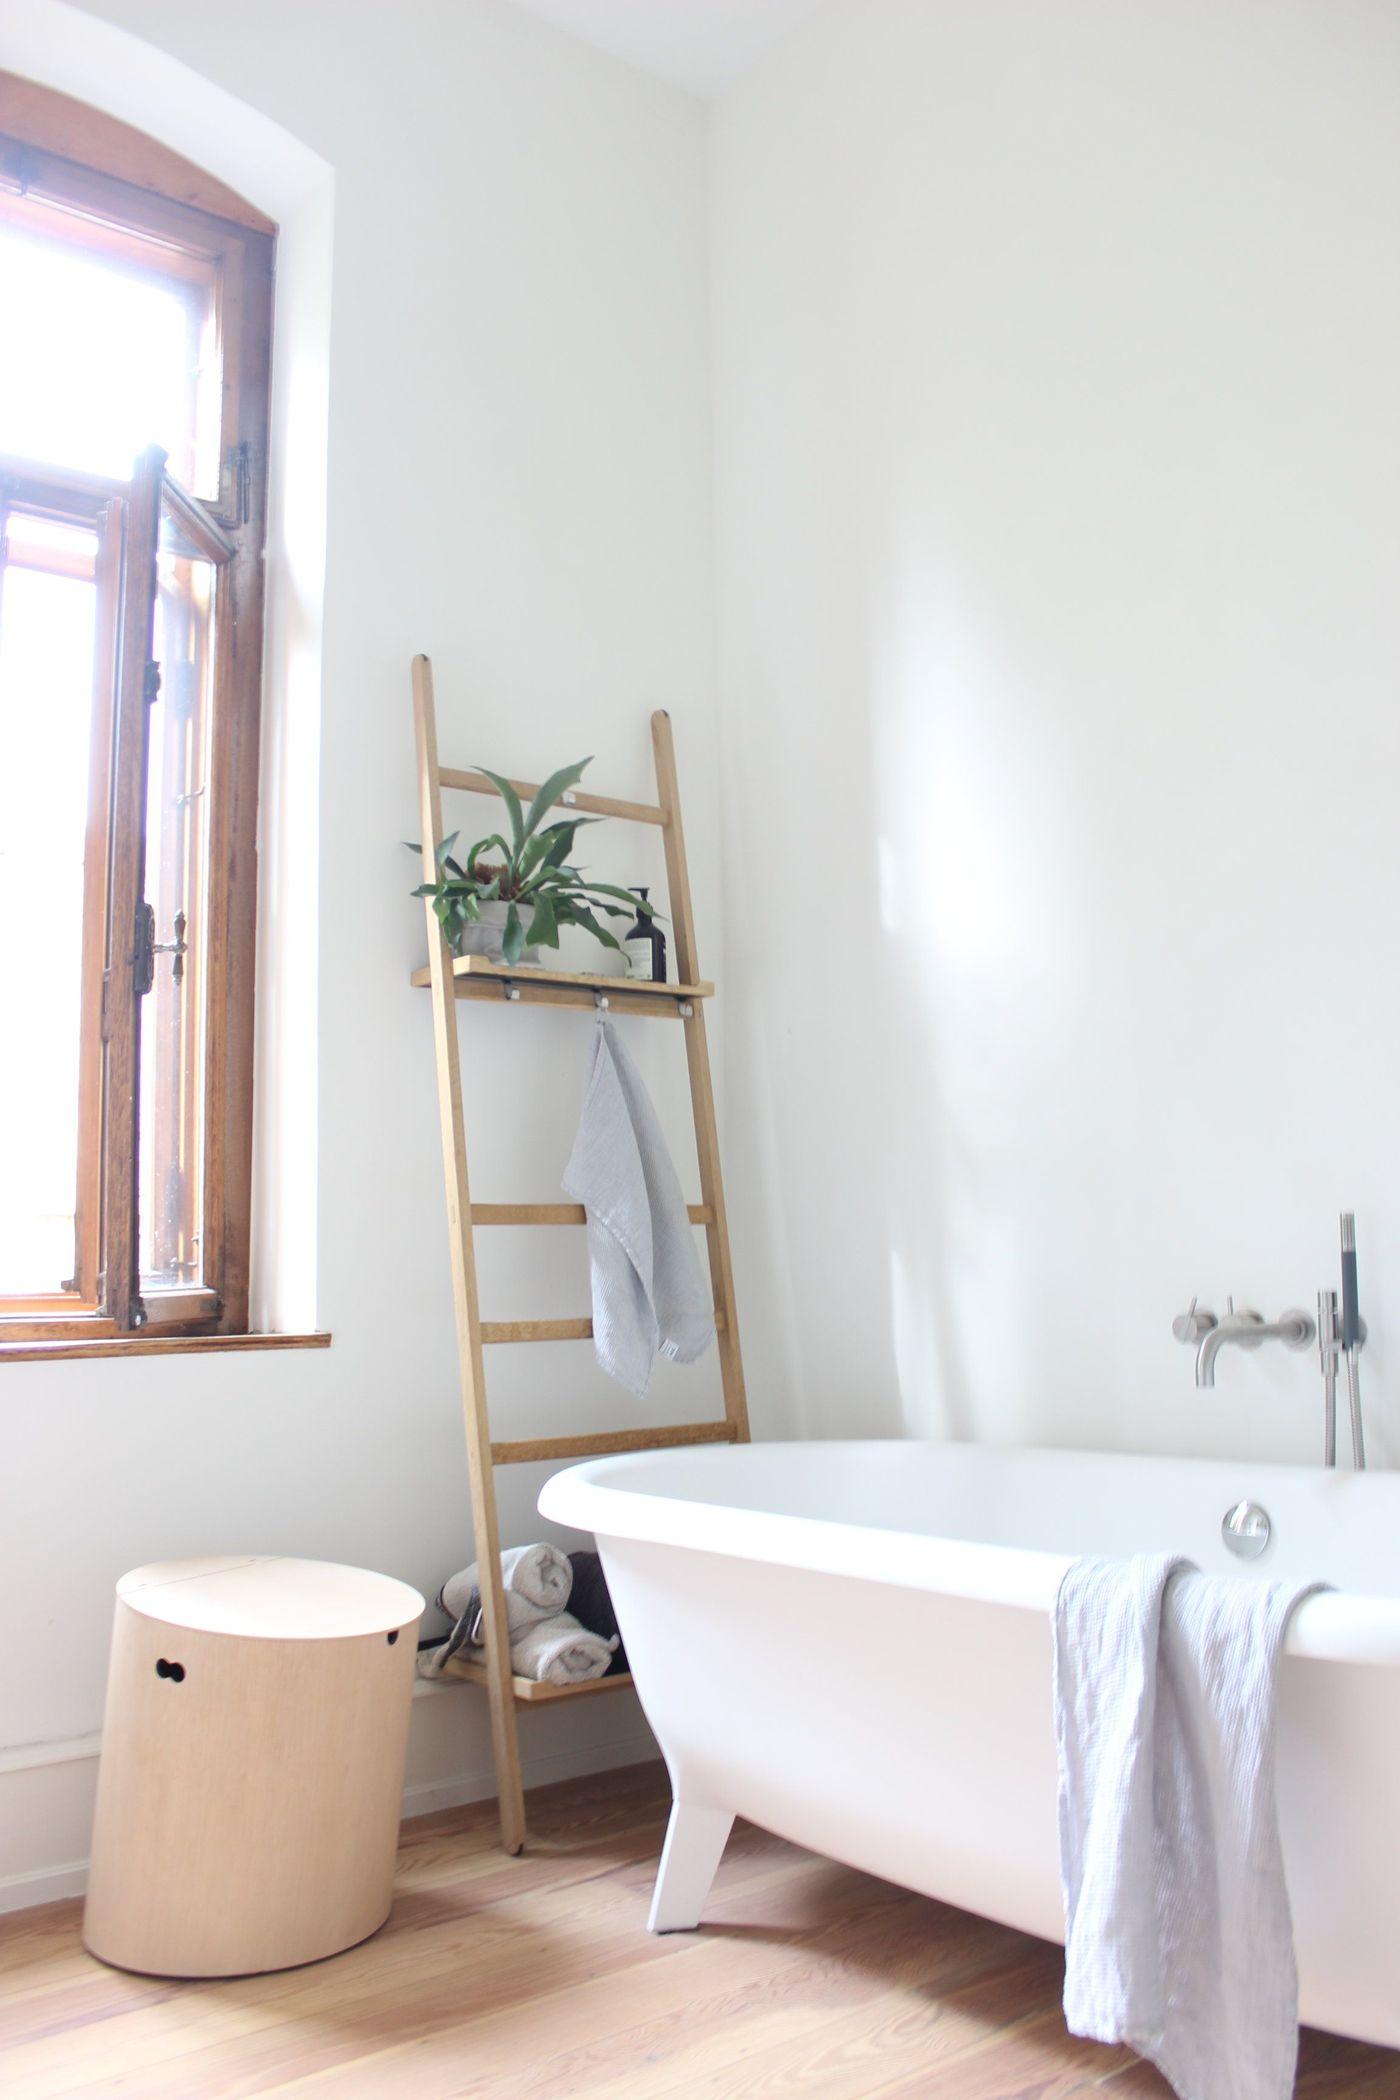 Badezimmer ideen bilder f r die gestaltung seite 7 for Gestaltung badezimmer bilder